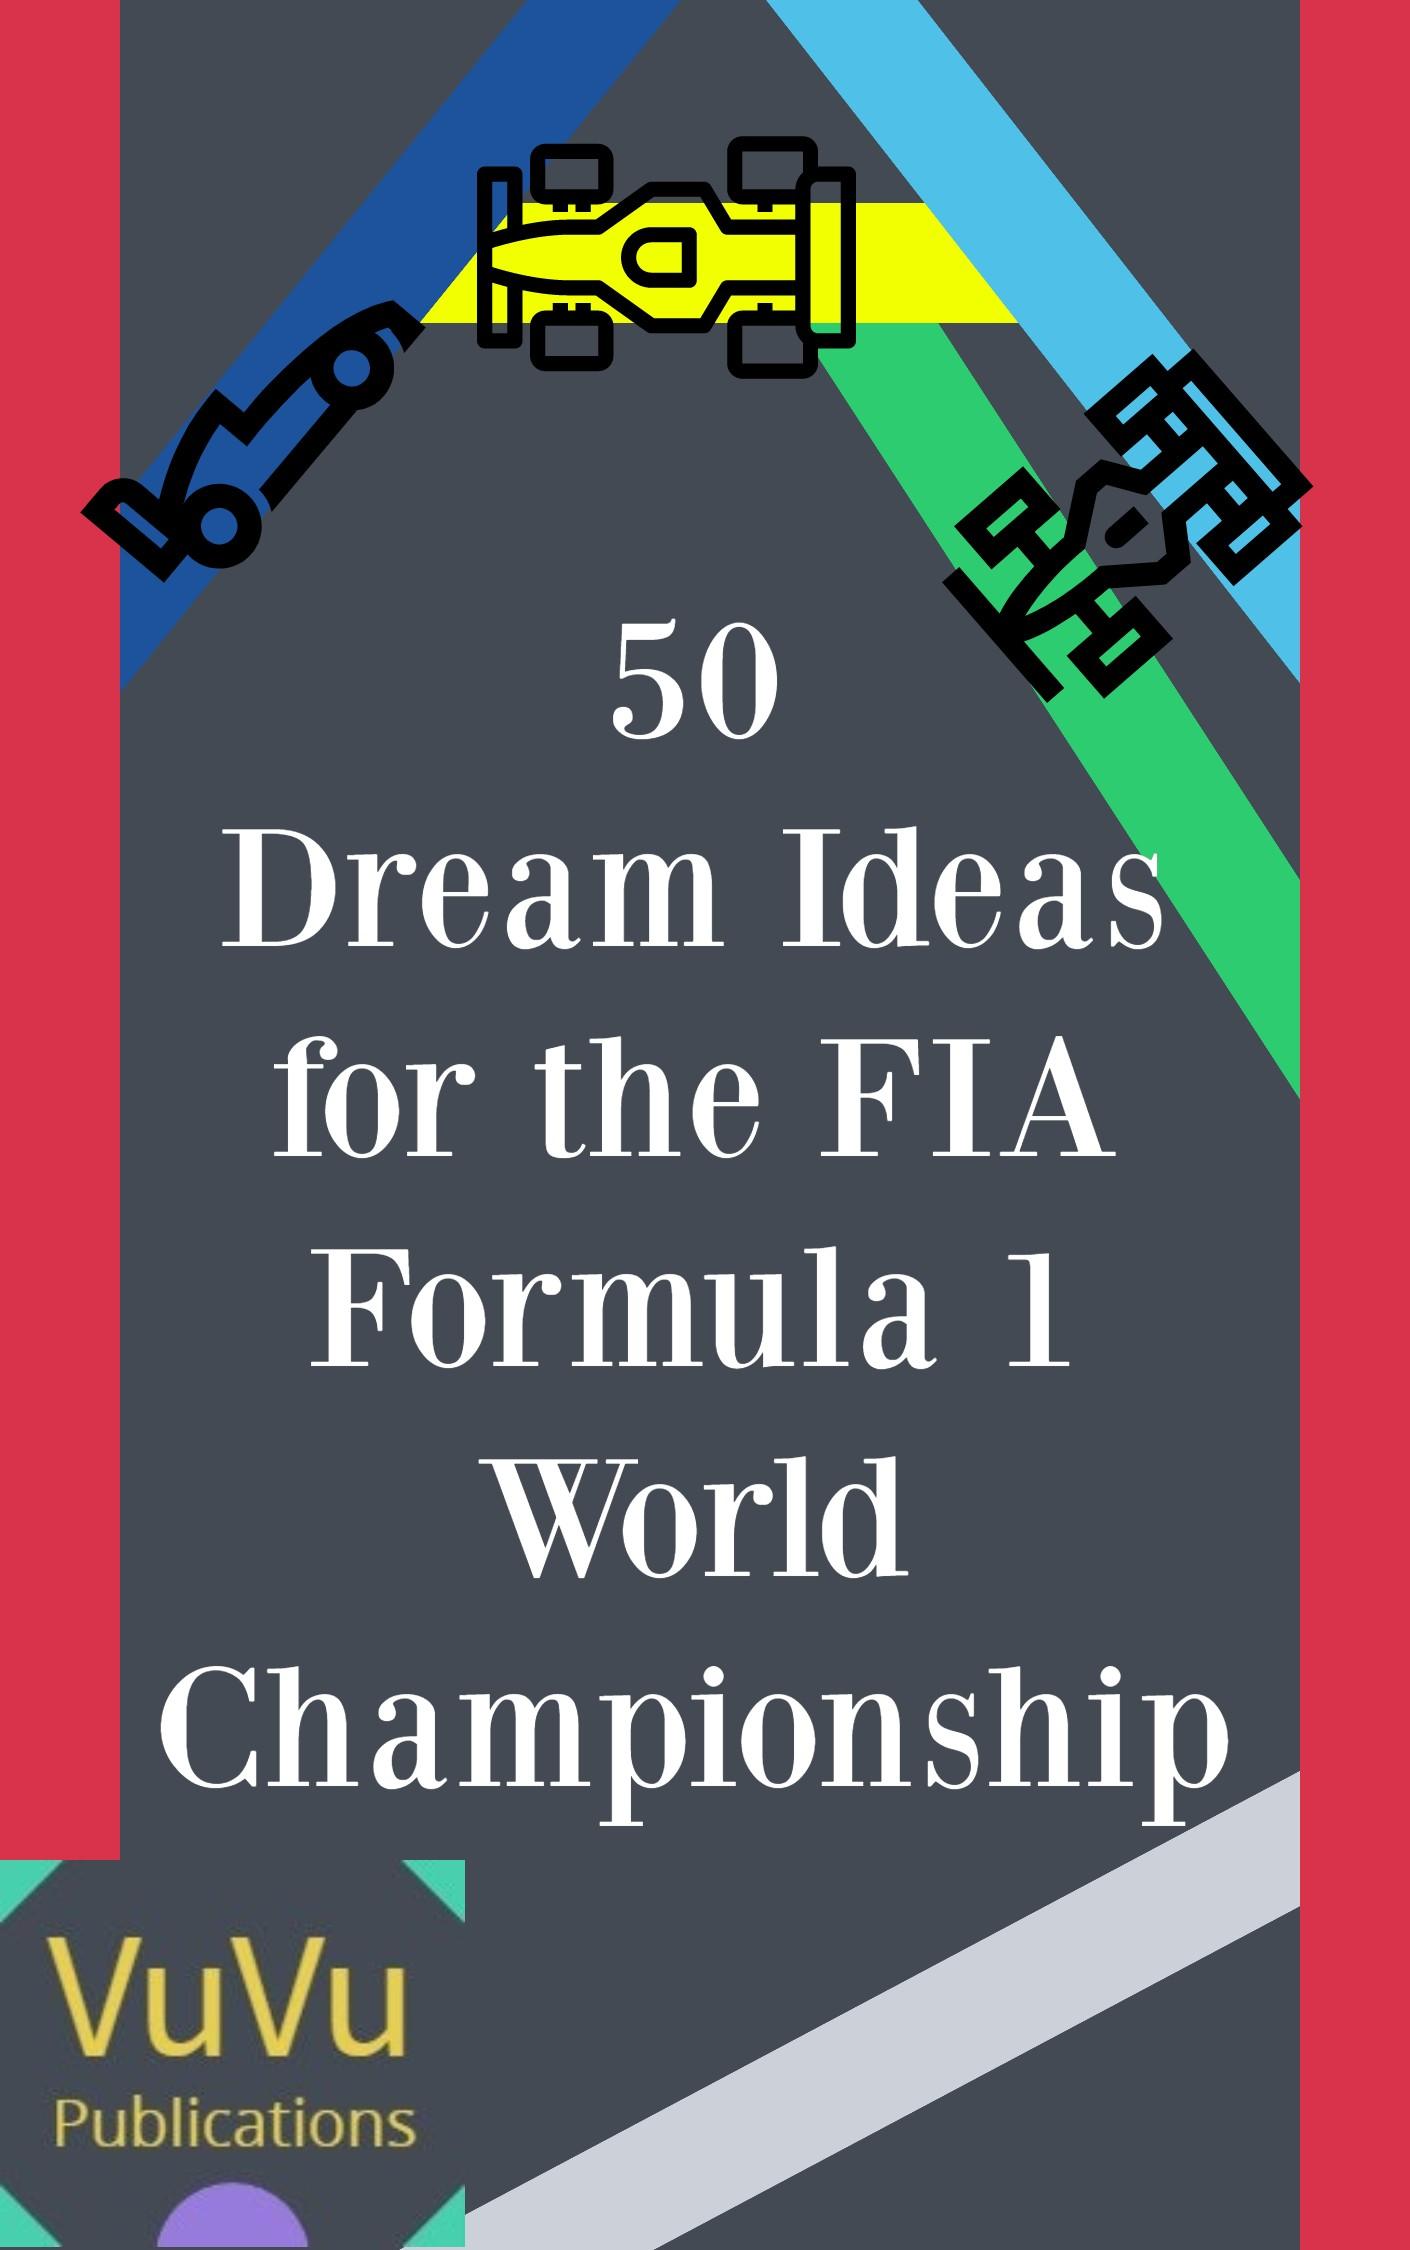 Dream-F1-2